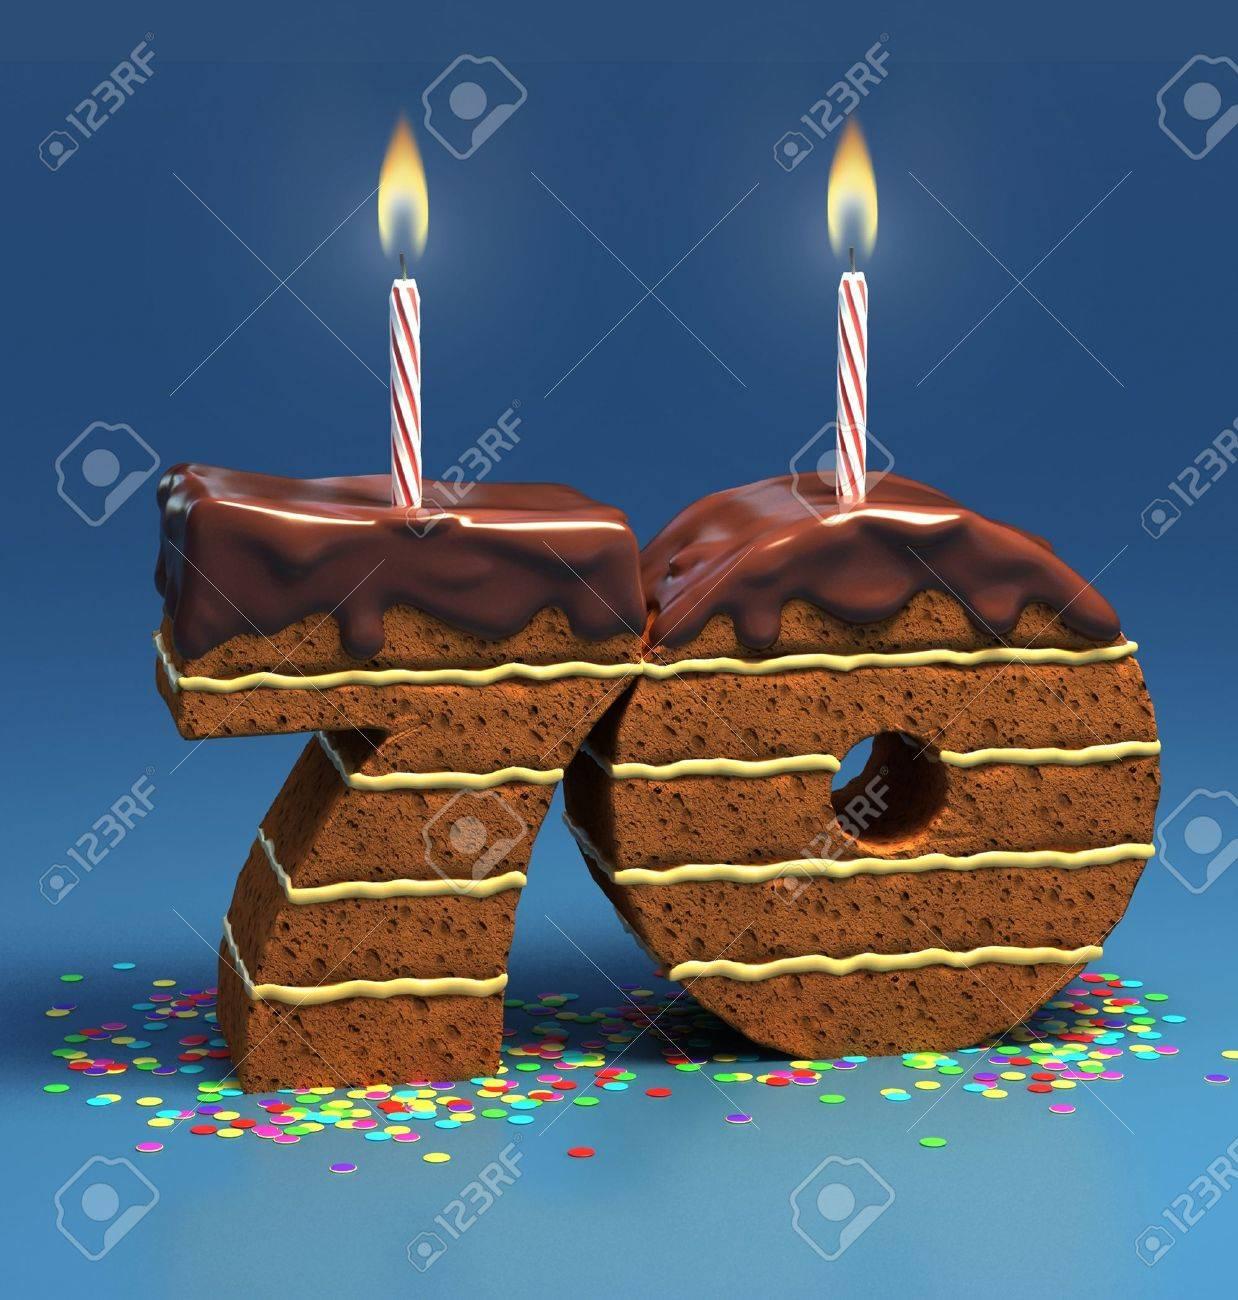 Chocolate Birthday Cake Von Konfetti Umgeben Mit Brennenden Kerze Fur Einen 70 Geburtstag Oder Jubilaum